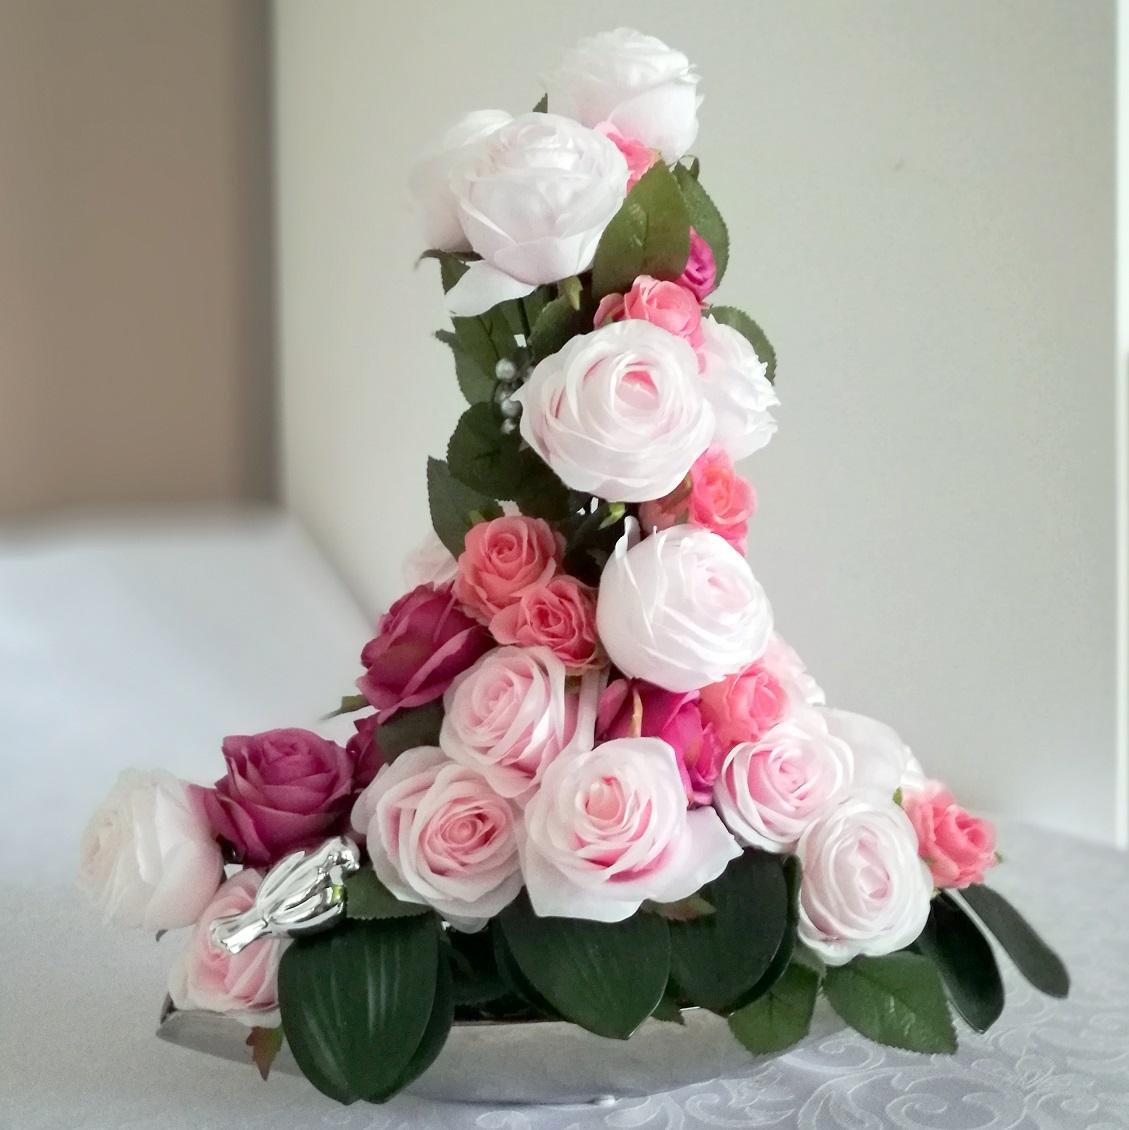 Kompozycja kwiatowa Kamelia stroik nr. 163